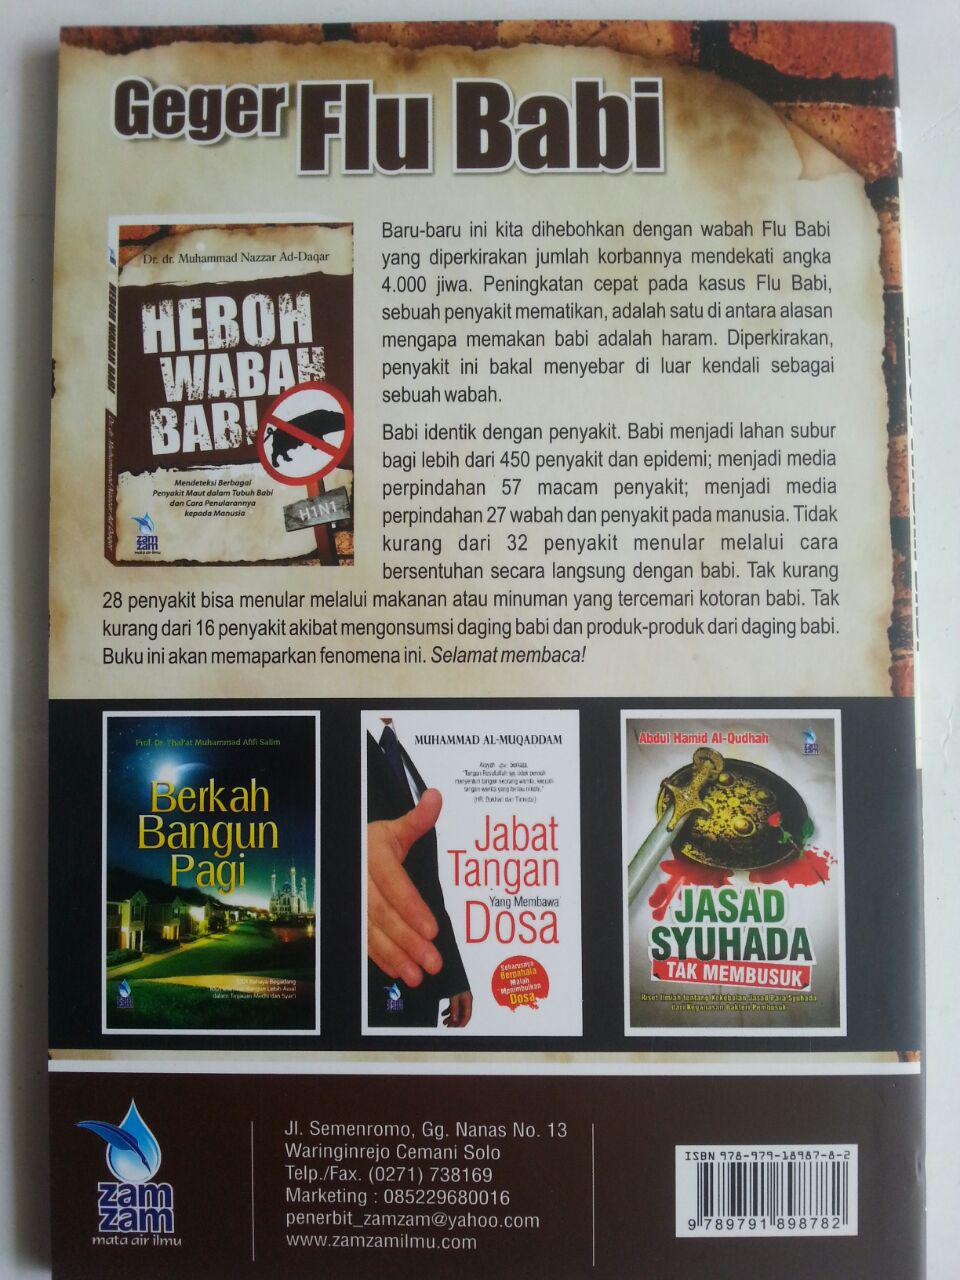 Buku Heboh Wabah Babi Mendeteksi Berbagai Penyakit Dalam Babi cover